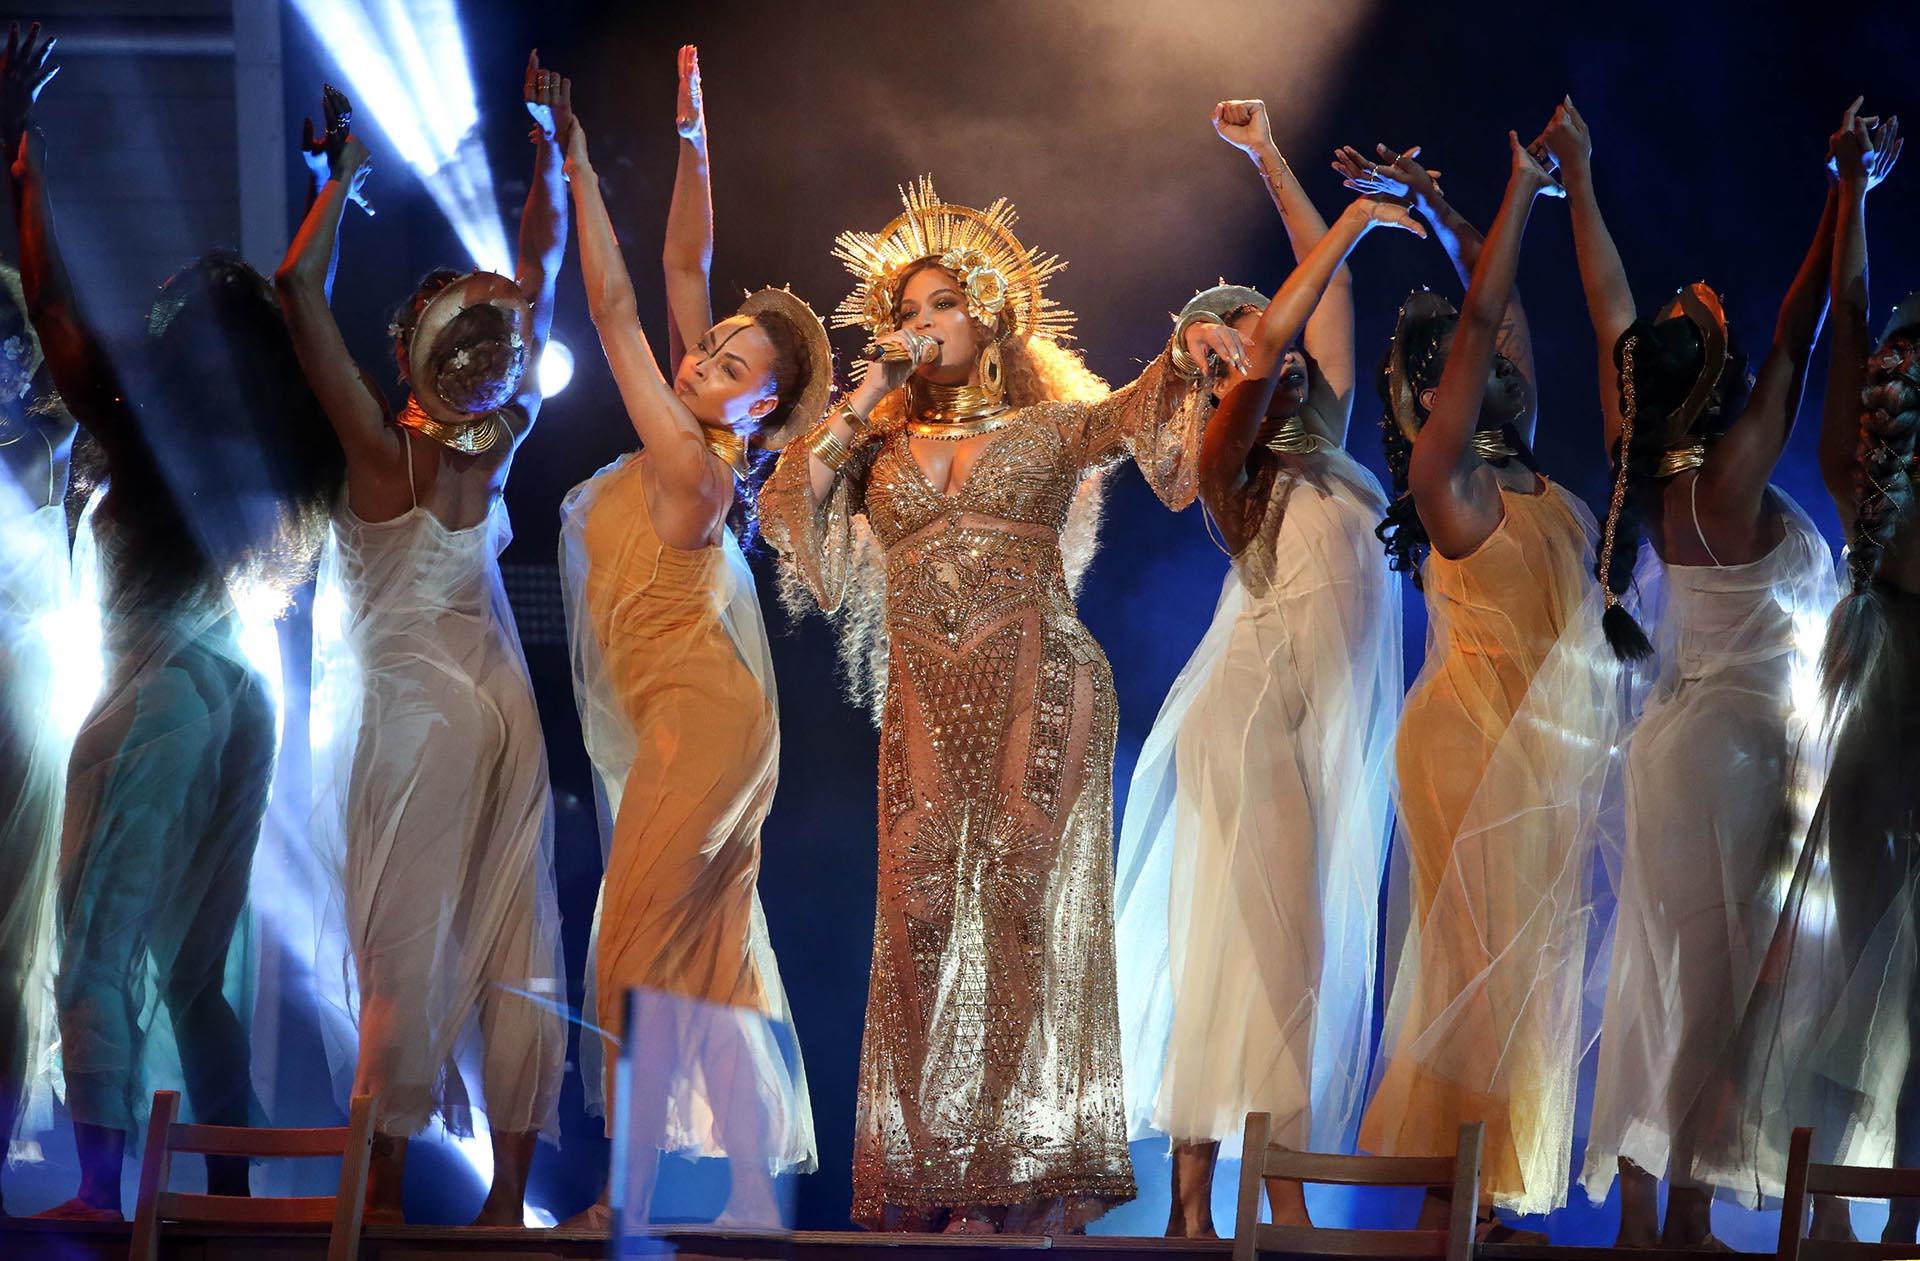 Durante el show que brindó Beyoncé en los Grammy del 2017, la cantante lució un impactante vestido-joya íntegramente bordado con piedras, canutillos y mostacillas inspirados en el art decó, en dorado y plateado. Como detalle de lujo, la corona-tocado, los ganchos, la cogotera y los maxi aros todo en dorado